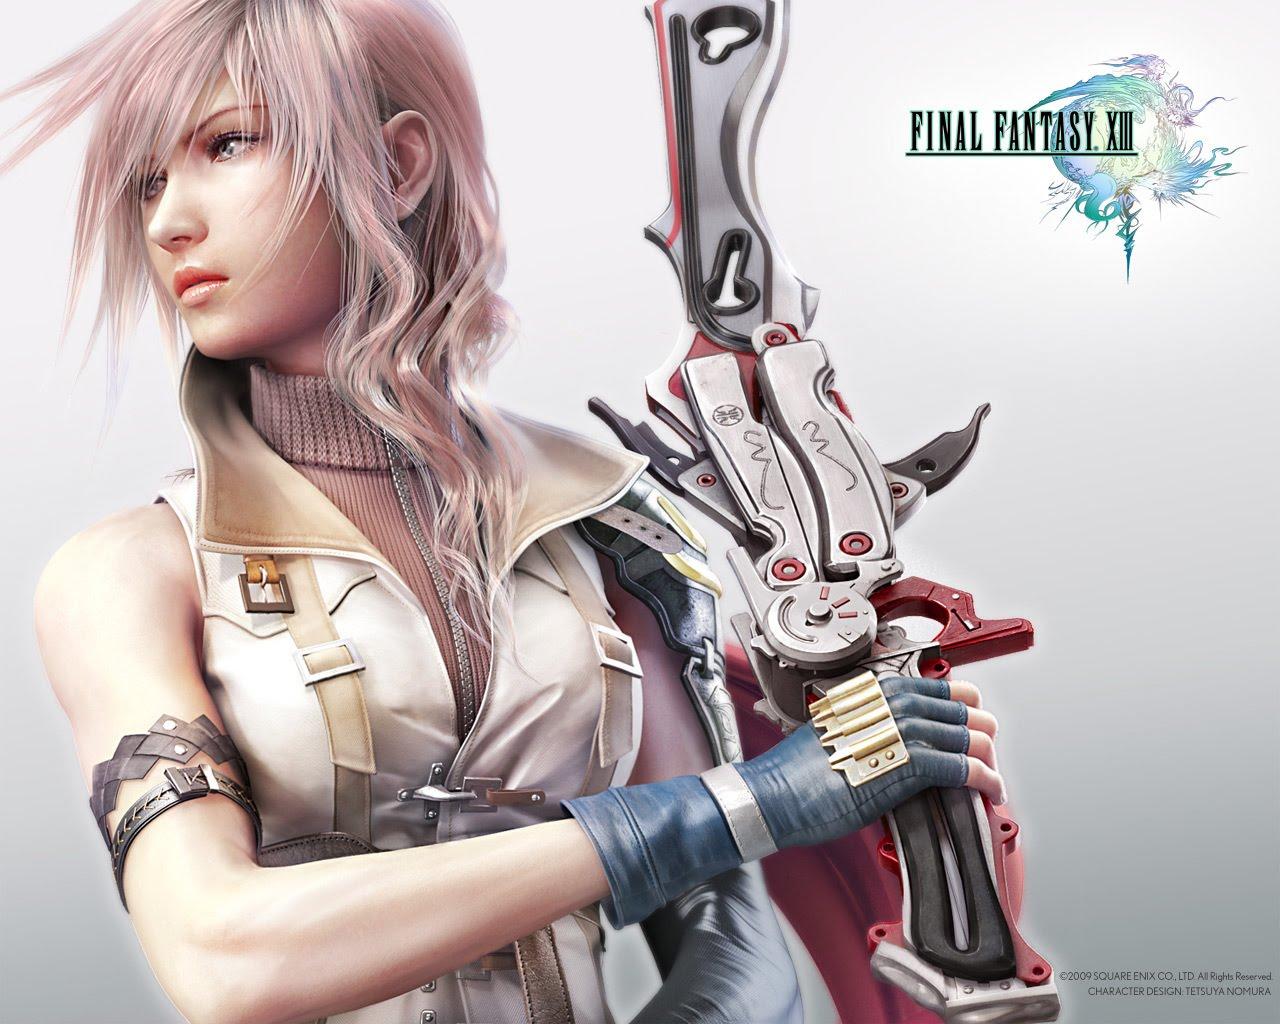 http://1.bp.blogspot.com/_b7hJHhTNWqE/TKYABeZ7m-I/AAAAAAAAAis/4VndE-ukB08/s1600/final-fantasy-13-wallpaper-lightning-007-1280.jpg